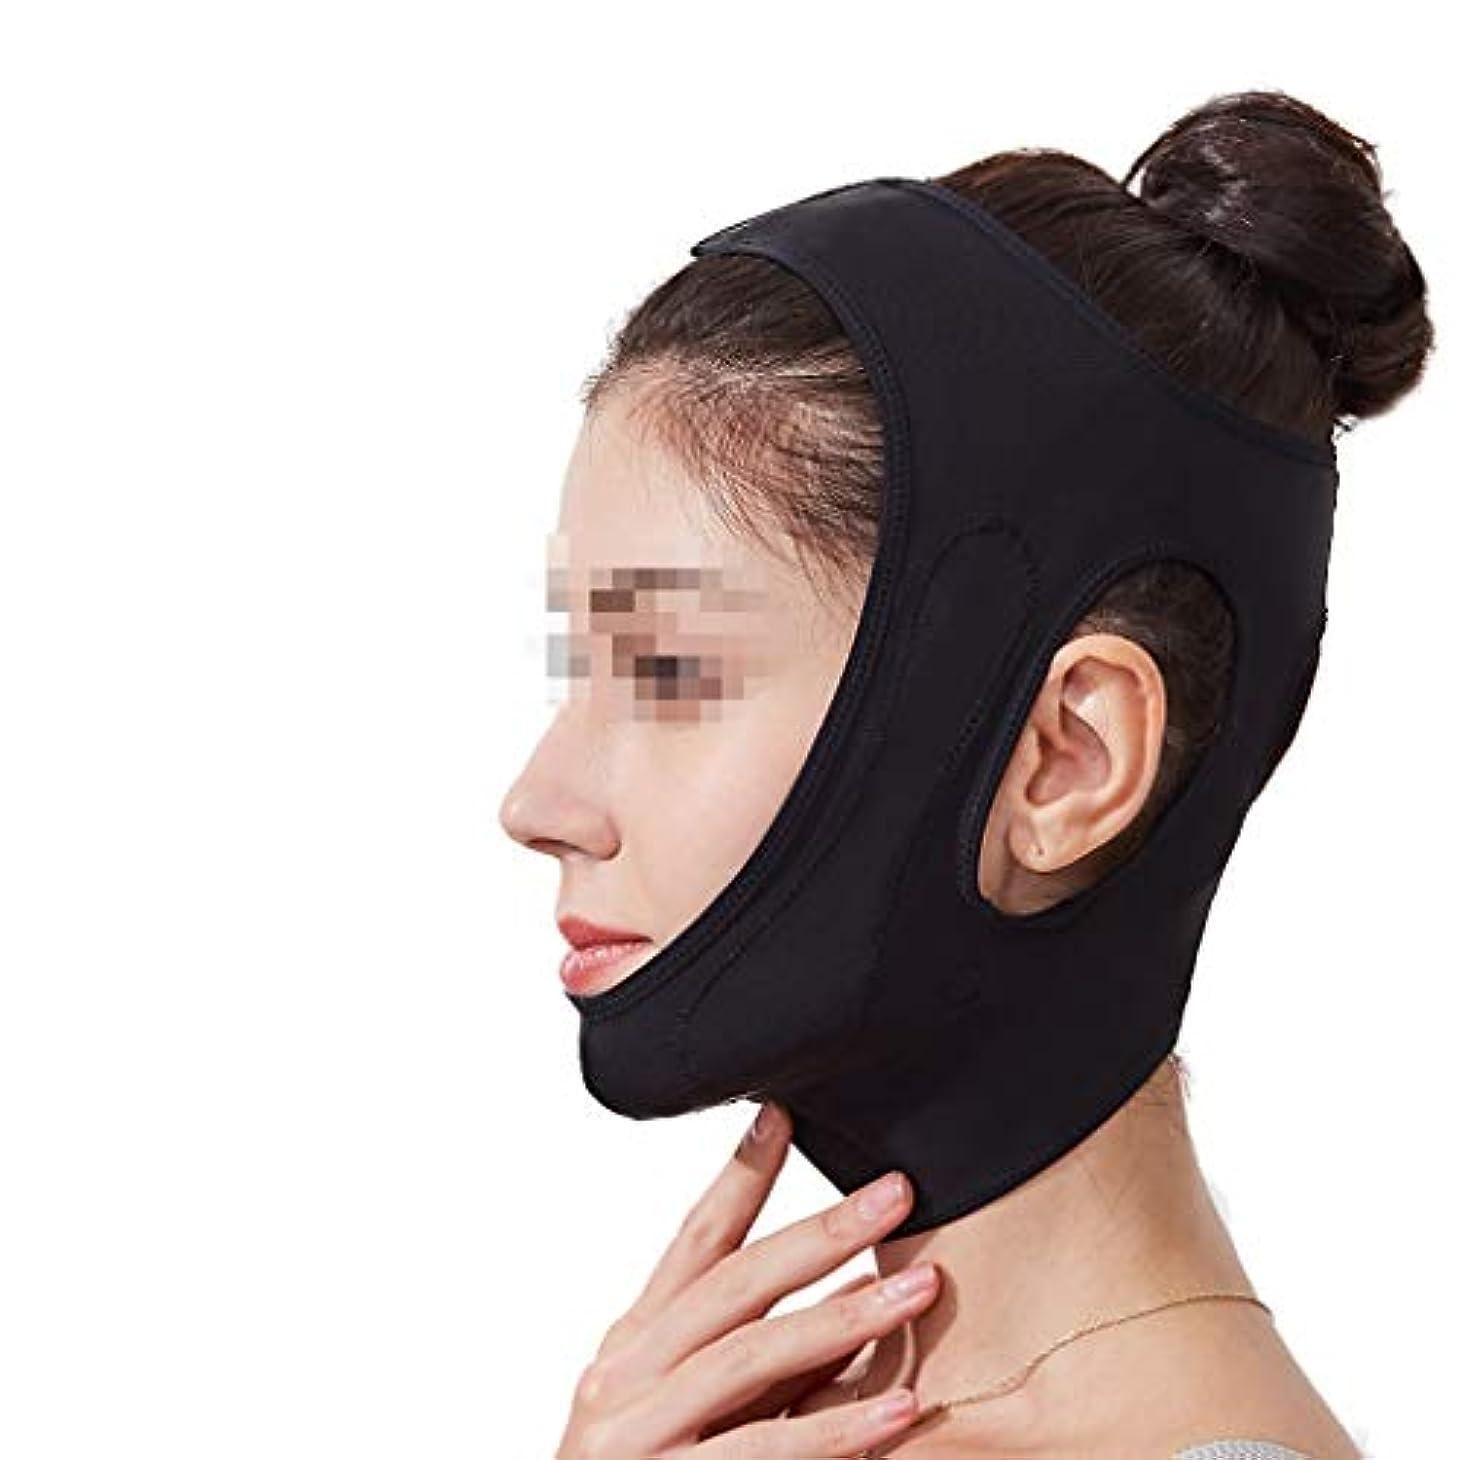 描写廃棄する乱用XHLMRMJ フェイスリフティング包帯、フェイスマスクフェイスリフトあご快適な顔マルチカラーオプション (Color : Black)